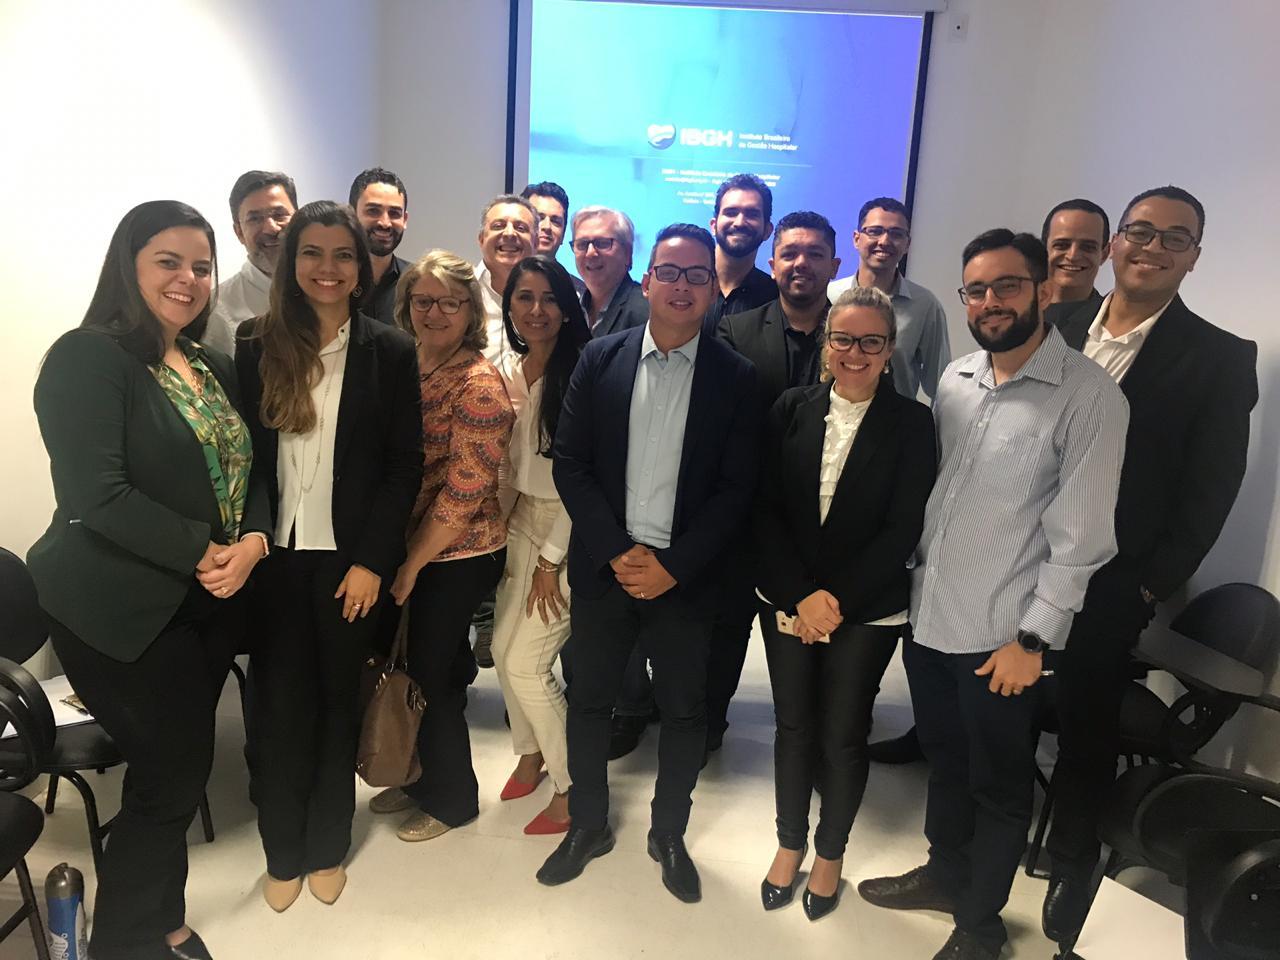 Encontro do IBGH reúne diretores de unidades hospitalares de todo o Brasil